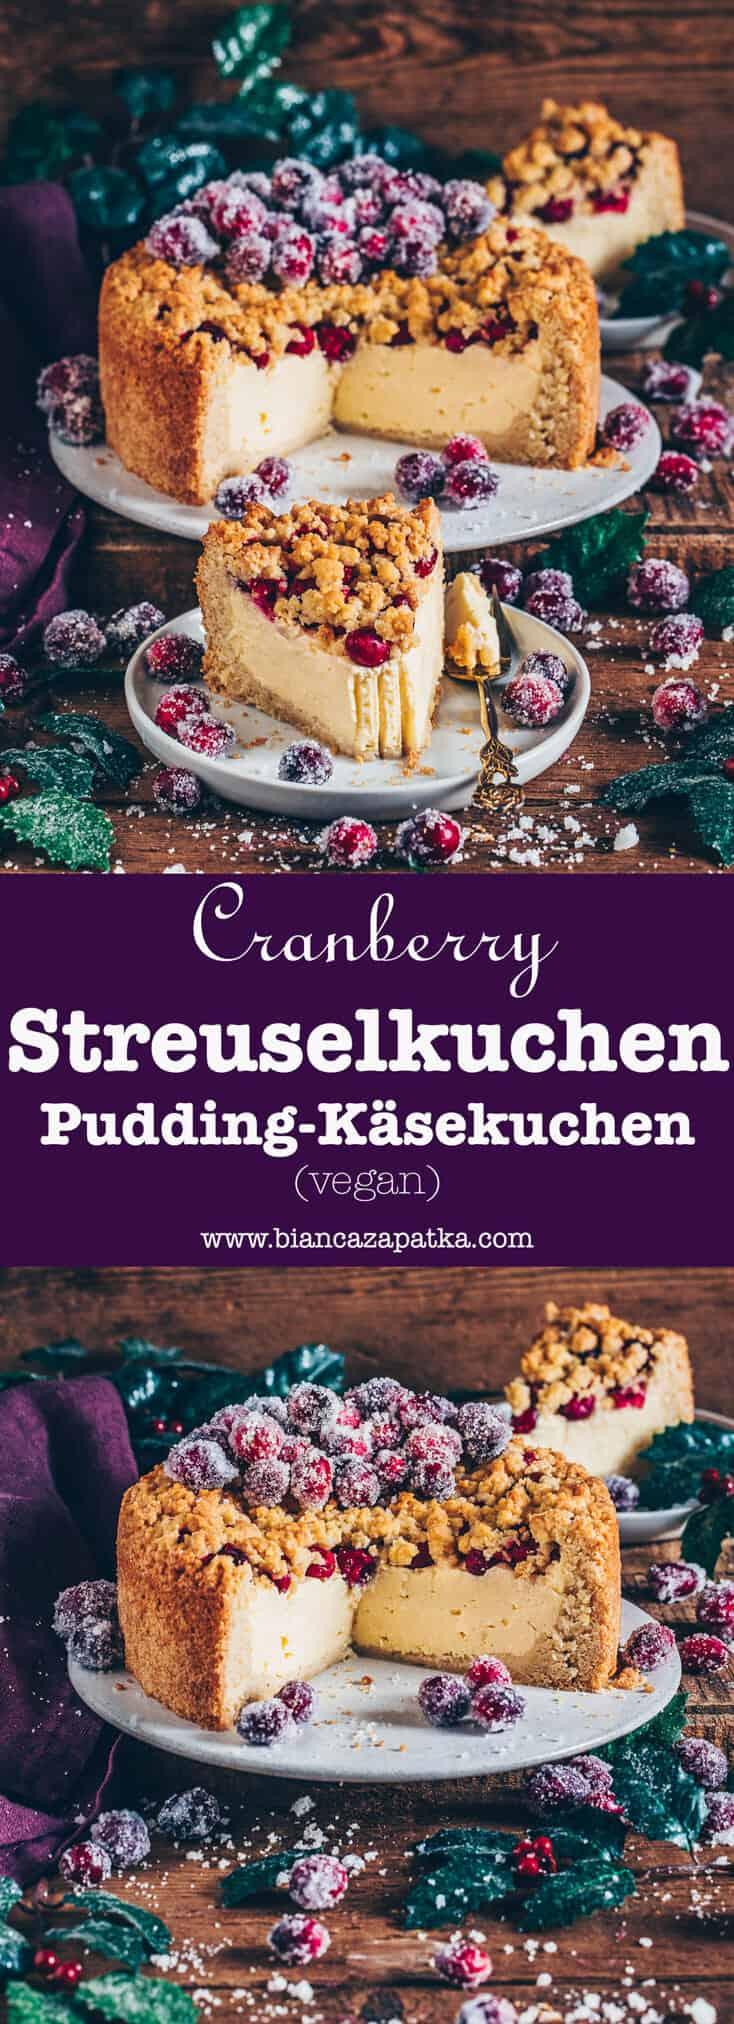 Dieser vegane Cranberry Streuselkuchen sieht nicht nur schön festlich aus, denn er schmeckt auch super lecker! Er ist geschichtet mit Pudding-Käsekuchen und garniert mit gezuckerten Cranberries, die den Kuchen zu einem perfekten Dessert zu Weihnachten machen!